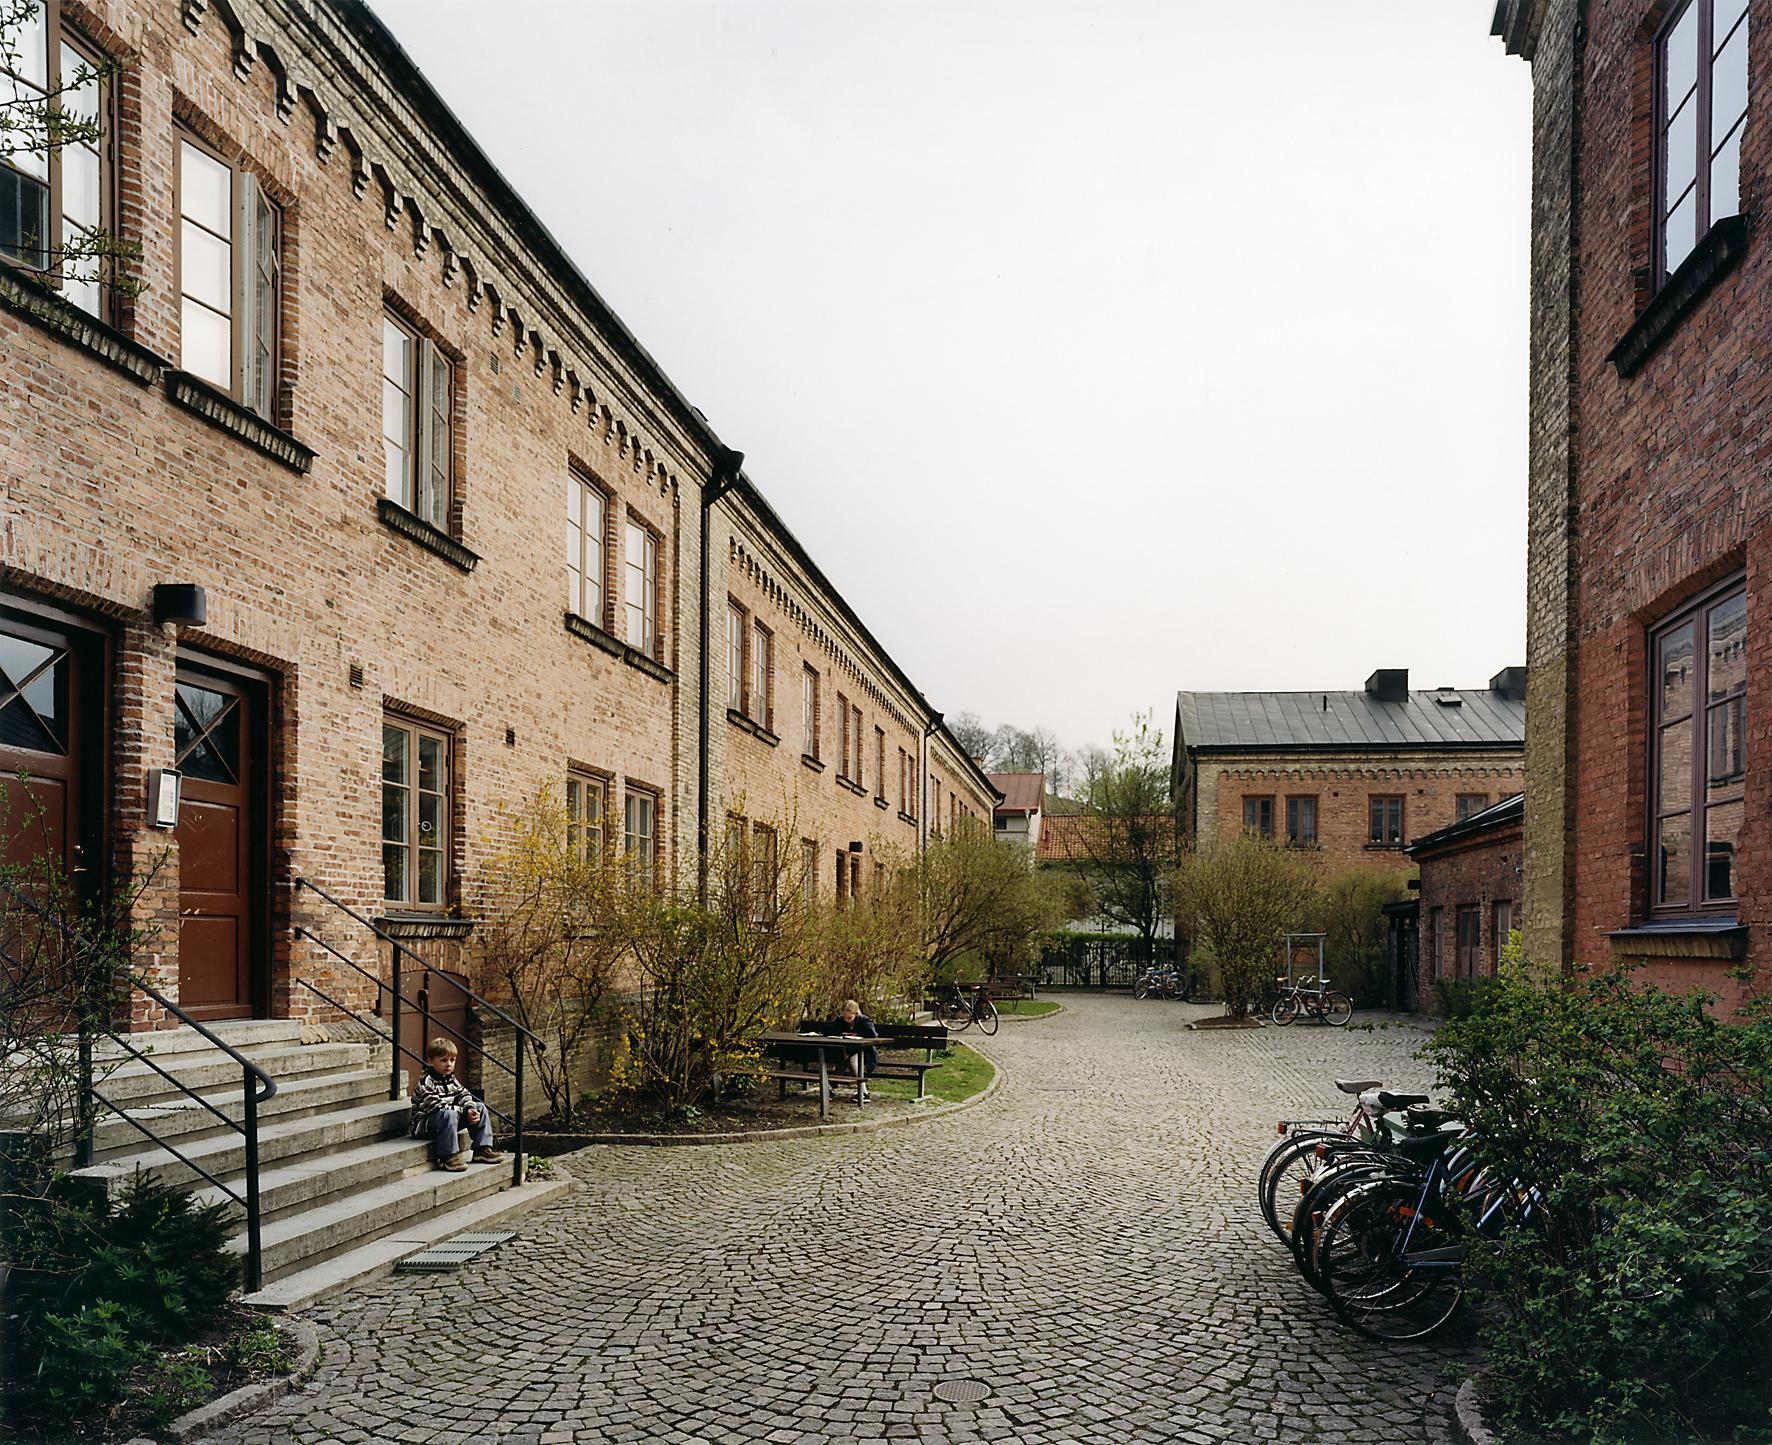 Haga Dicksonska stiftelsen arkitekt Adolf Edelsvärd. Foto Krister Engström 2013